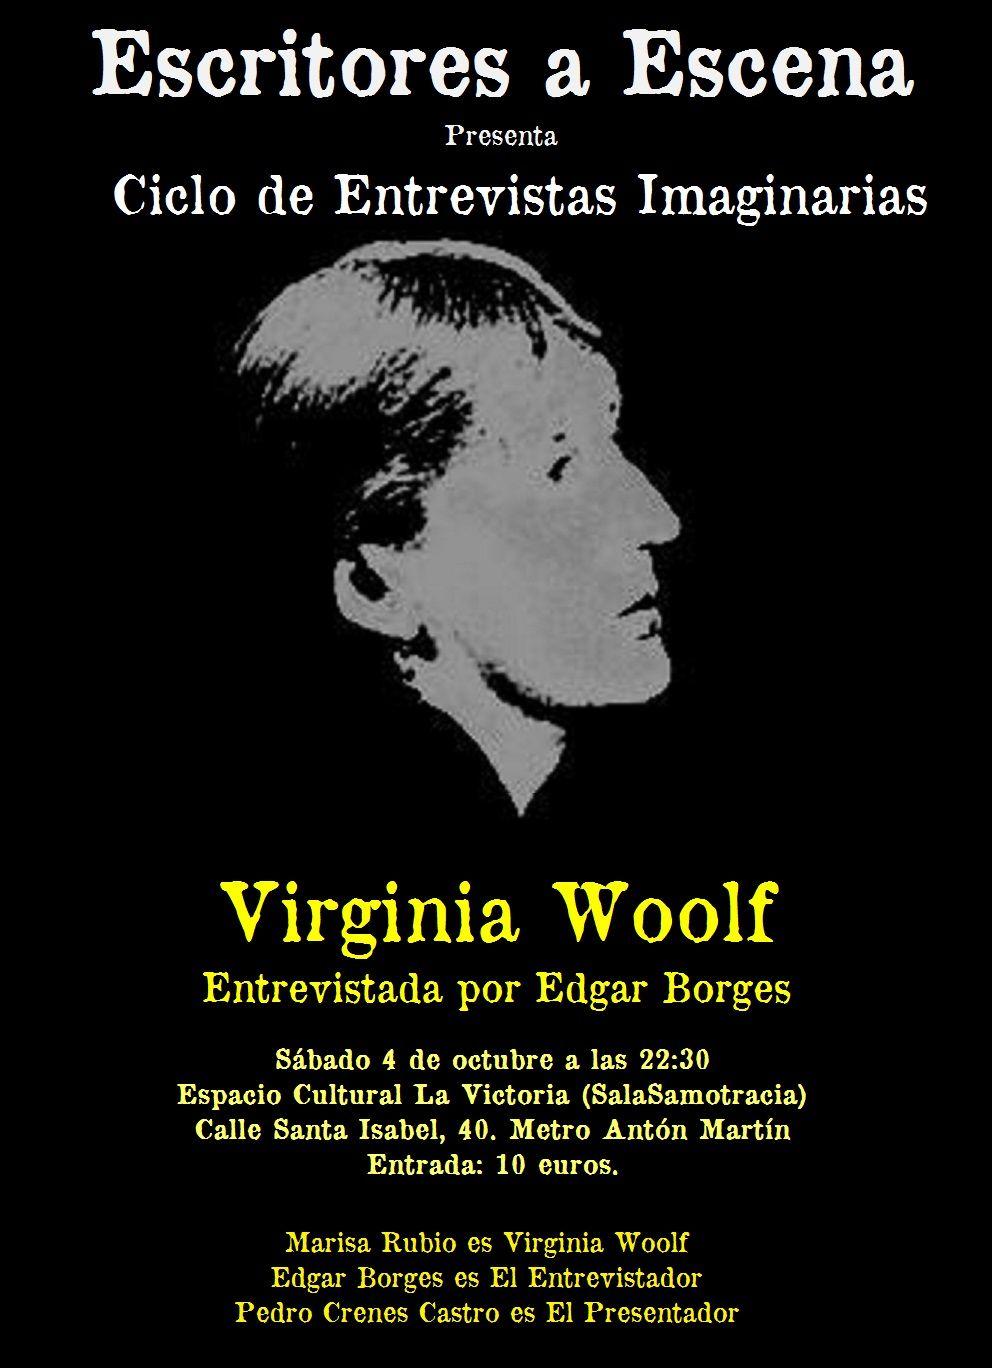 Entrevista imaginaria a Virginia Woolf